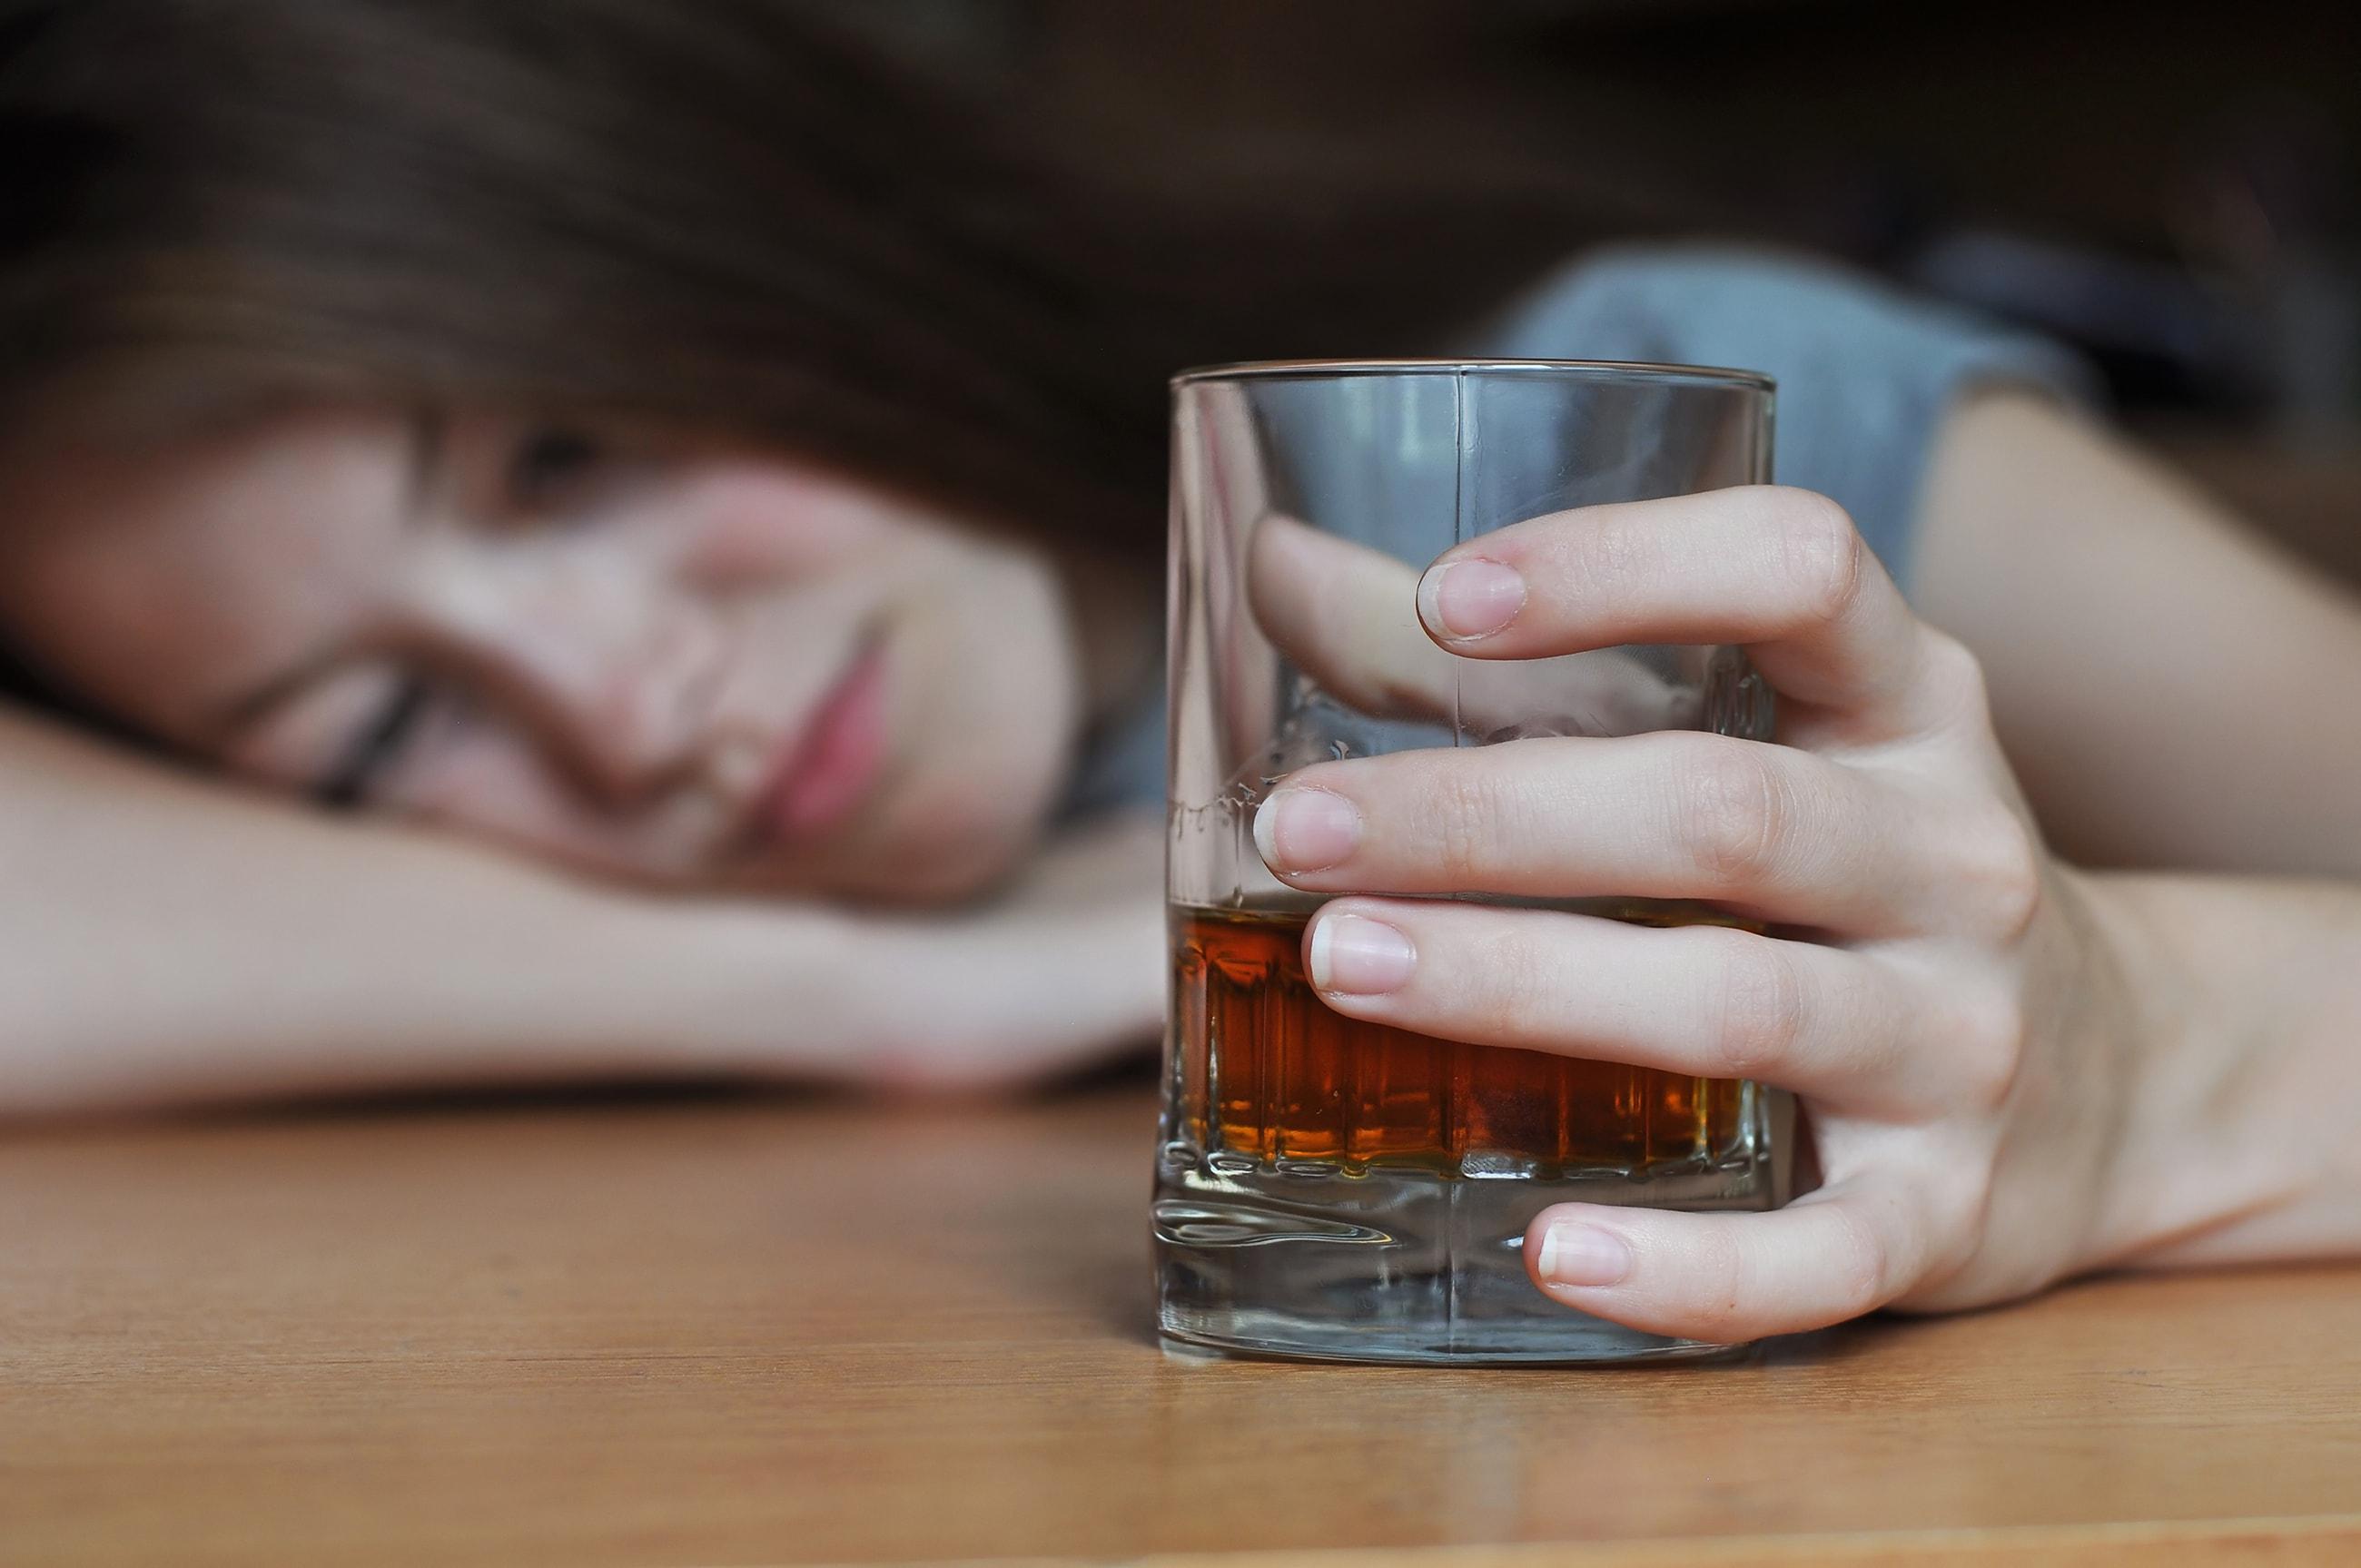 Mädchen trinkt Alkohol